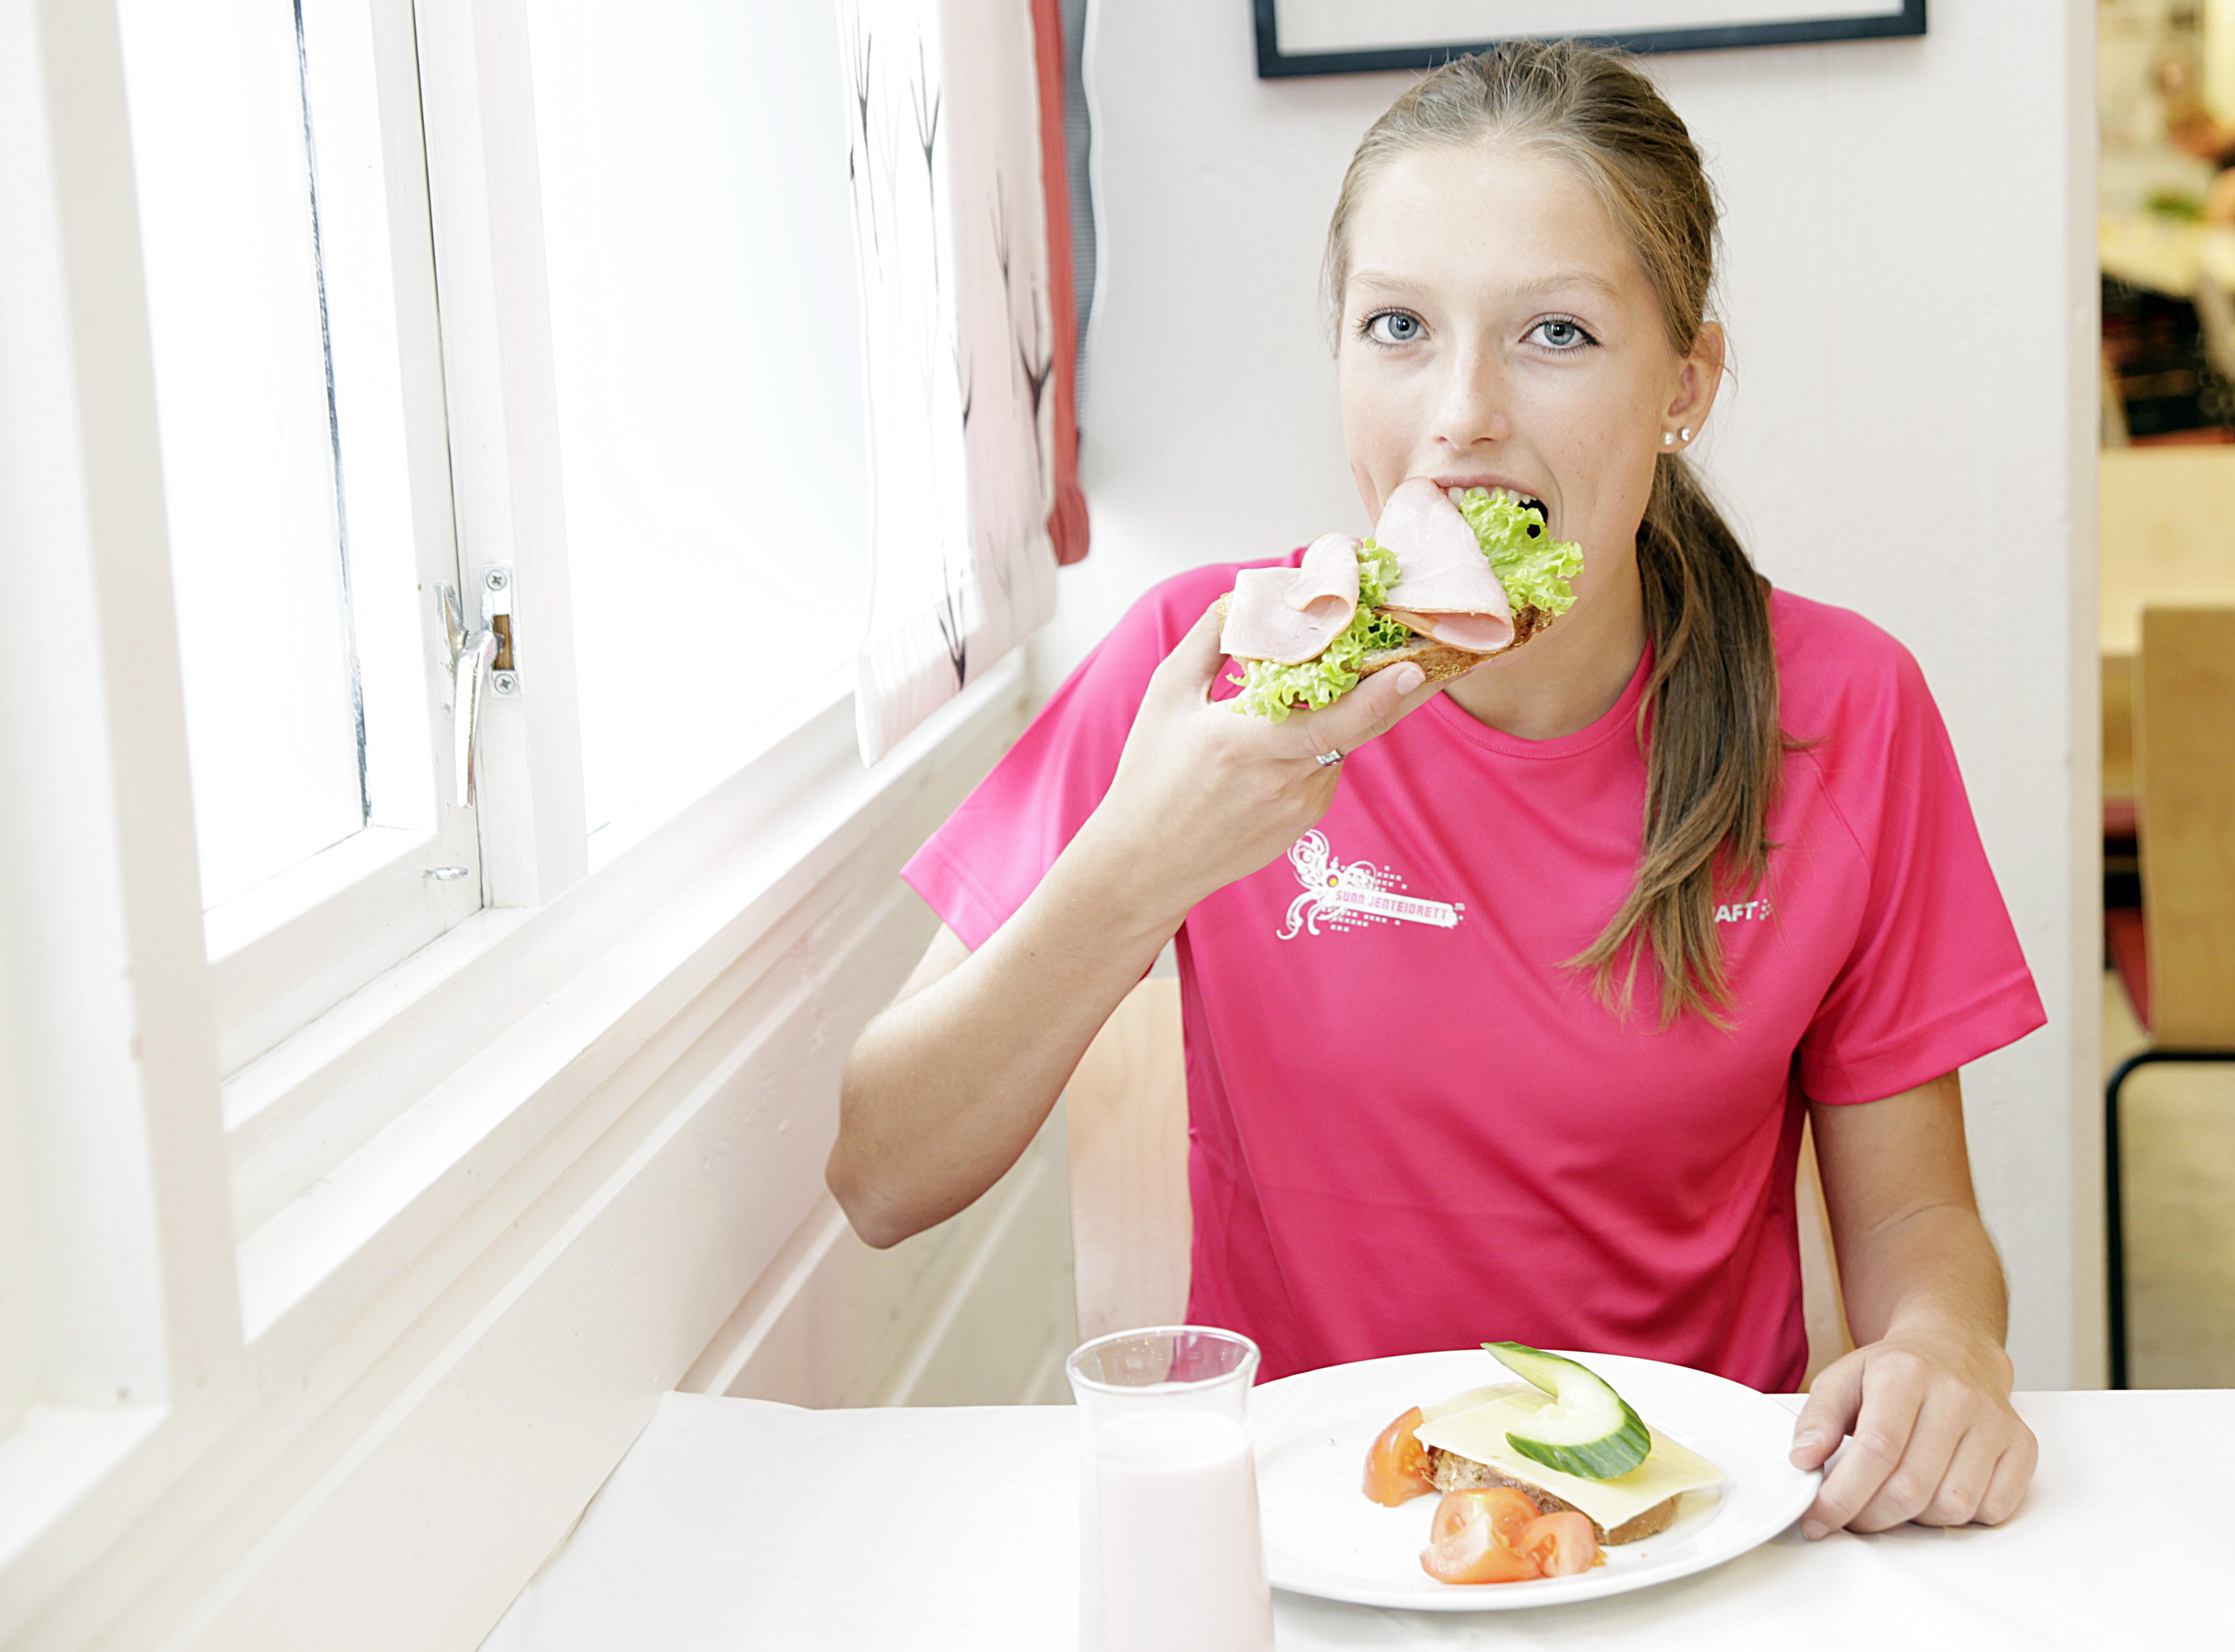 mat før trening styrke